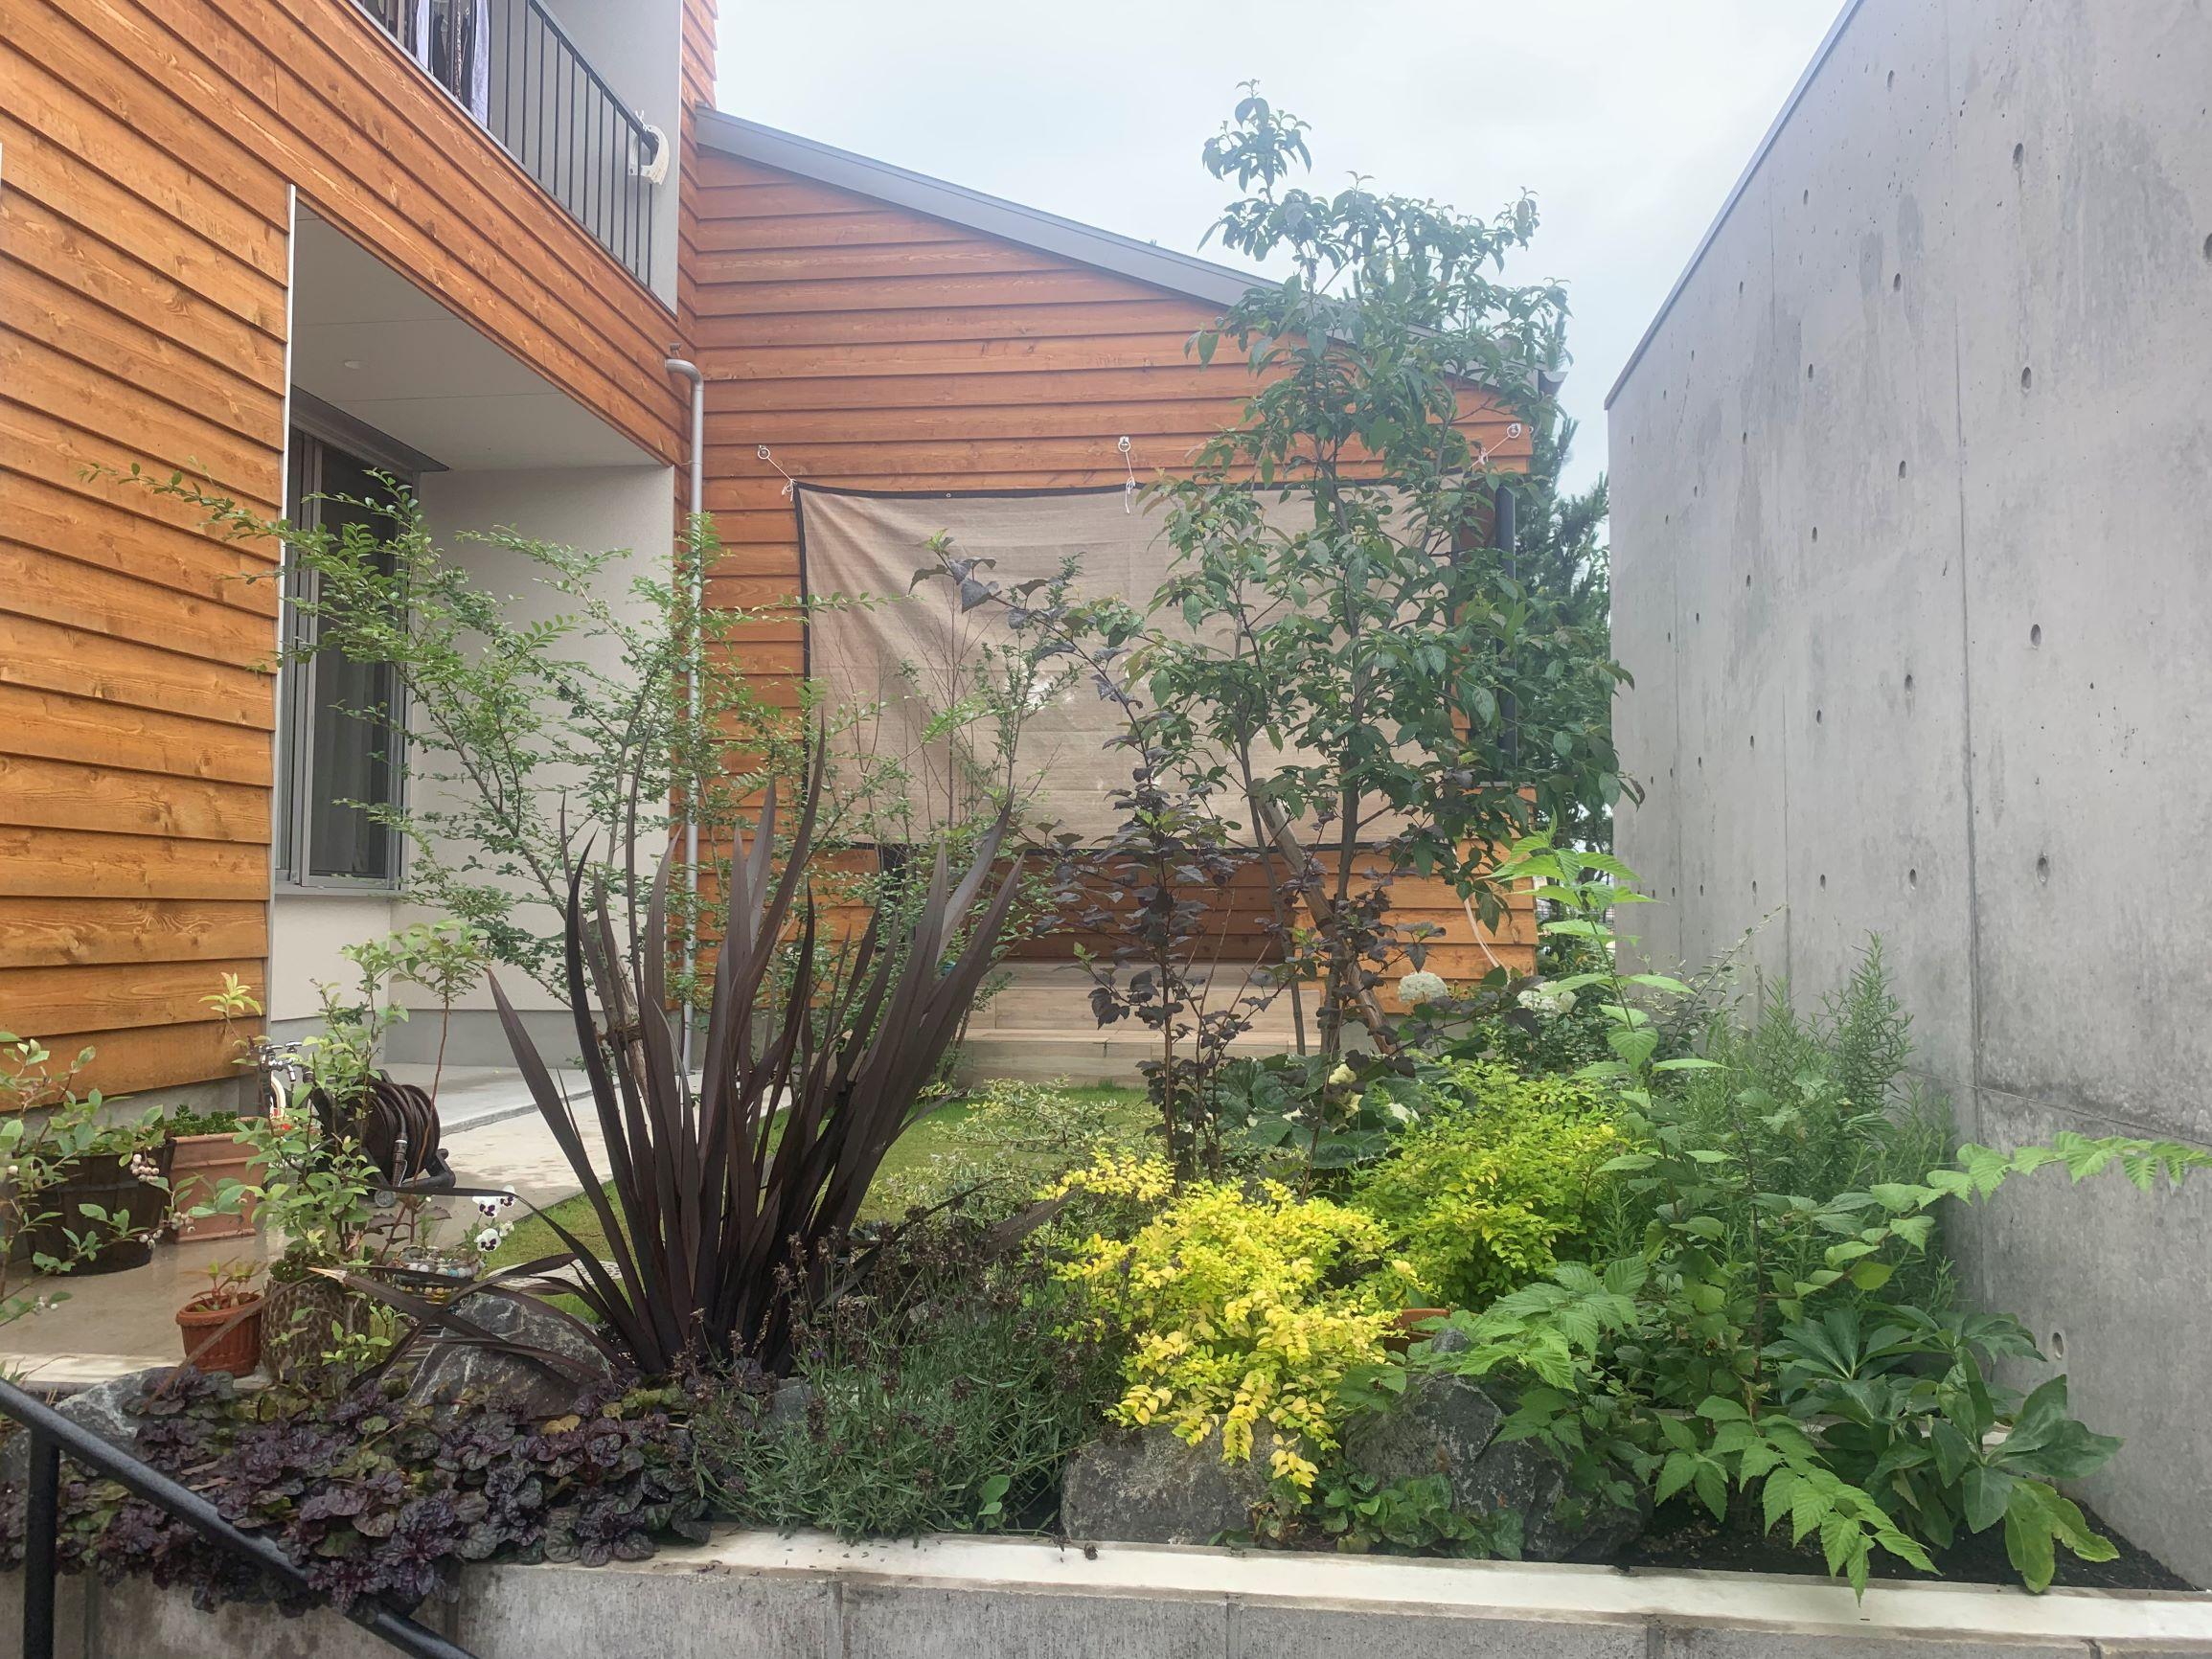 岡崎枕木菜園芝生の庭。芝生の庭を生かす緑化。のイメージ